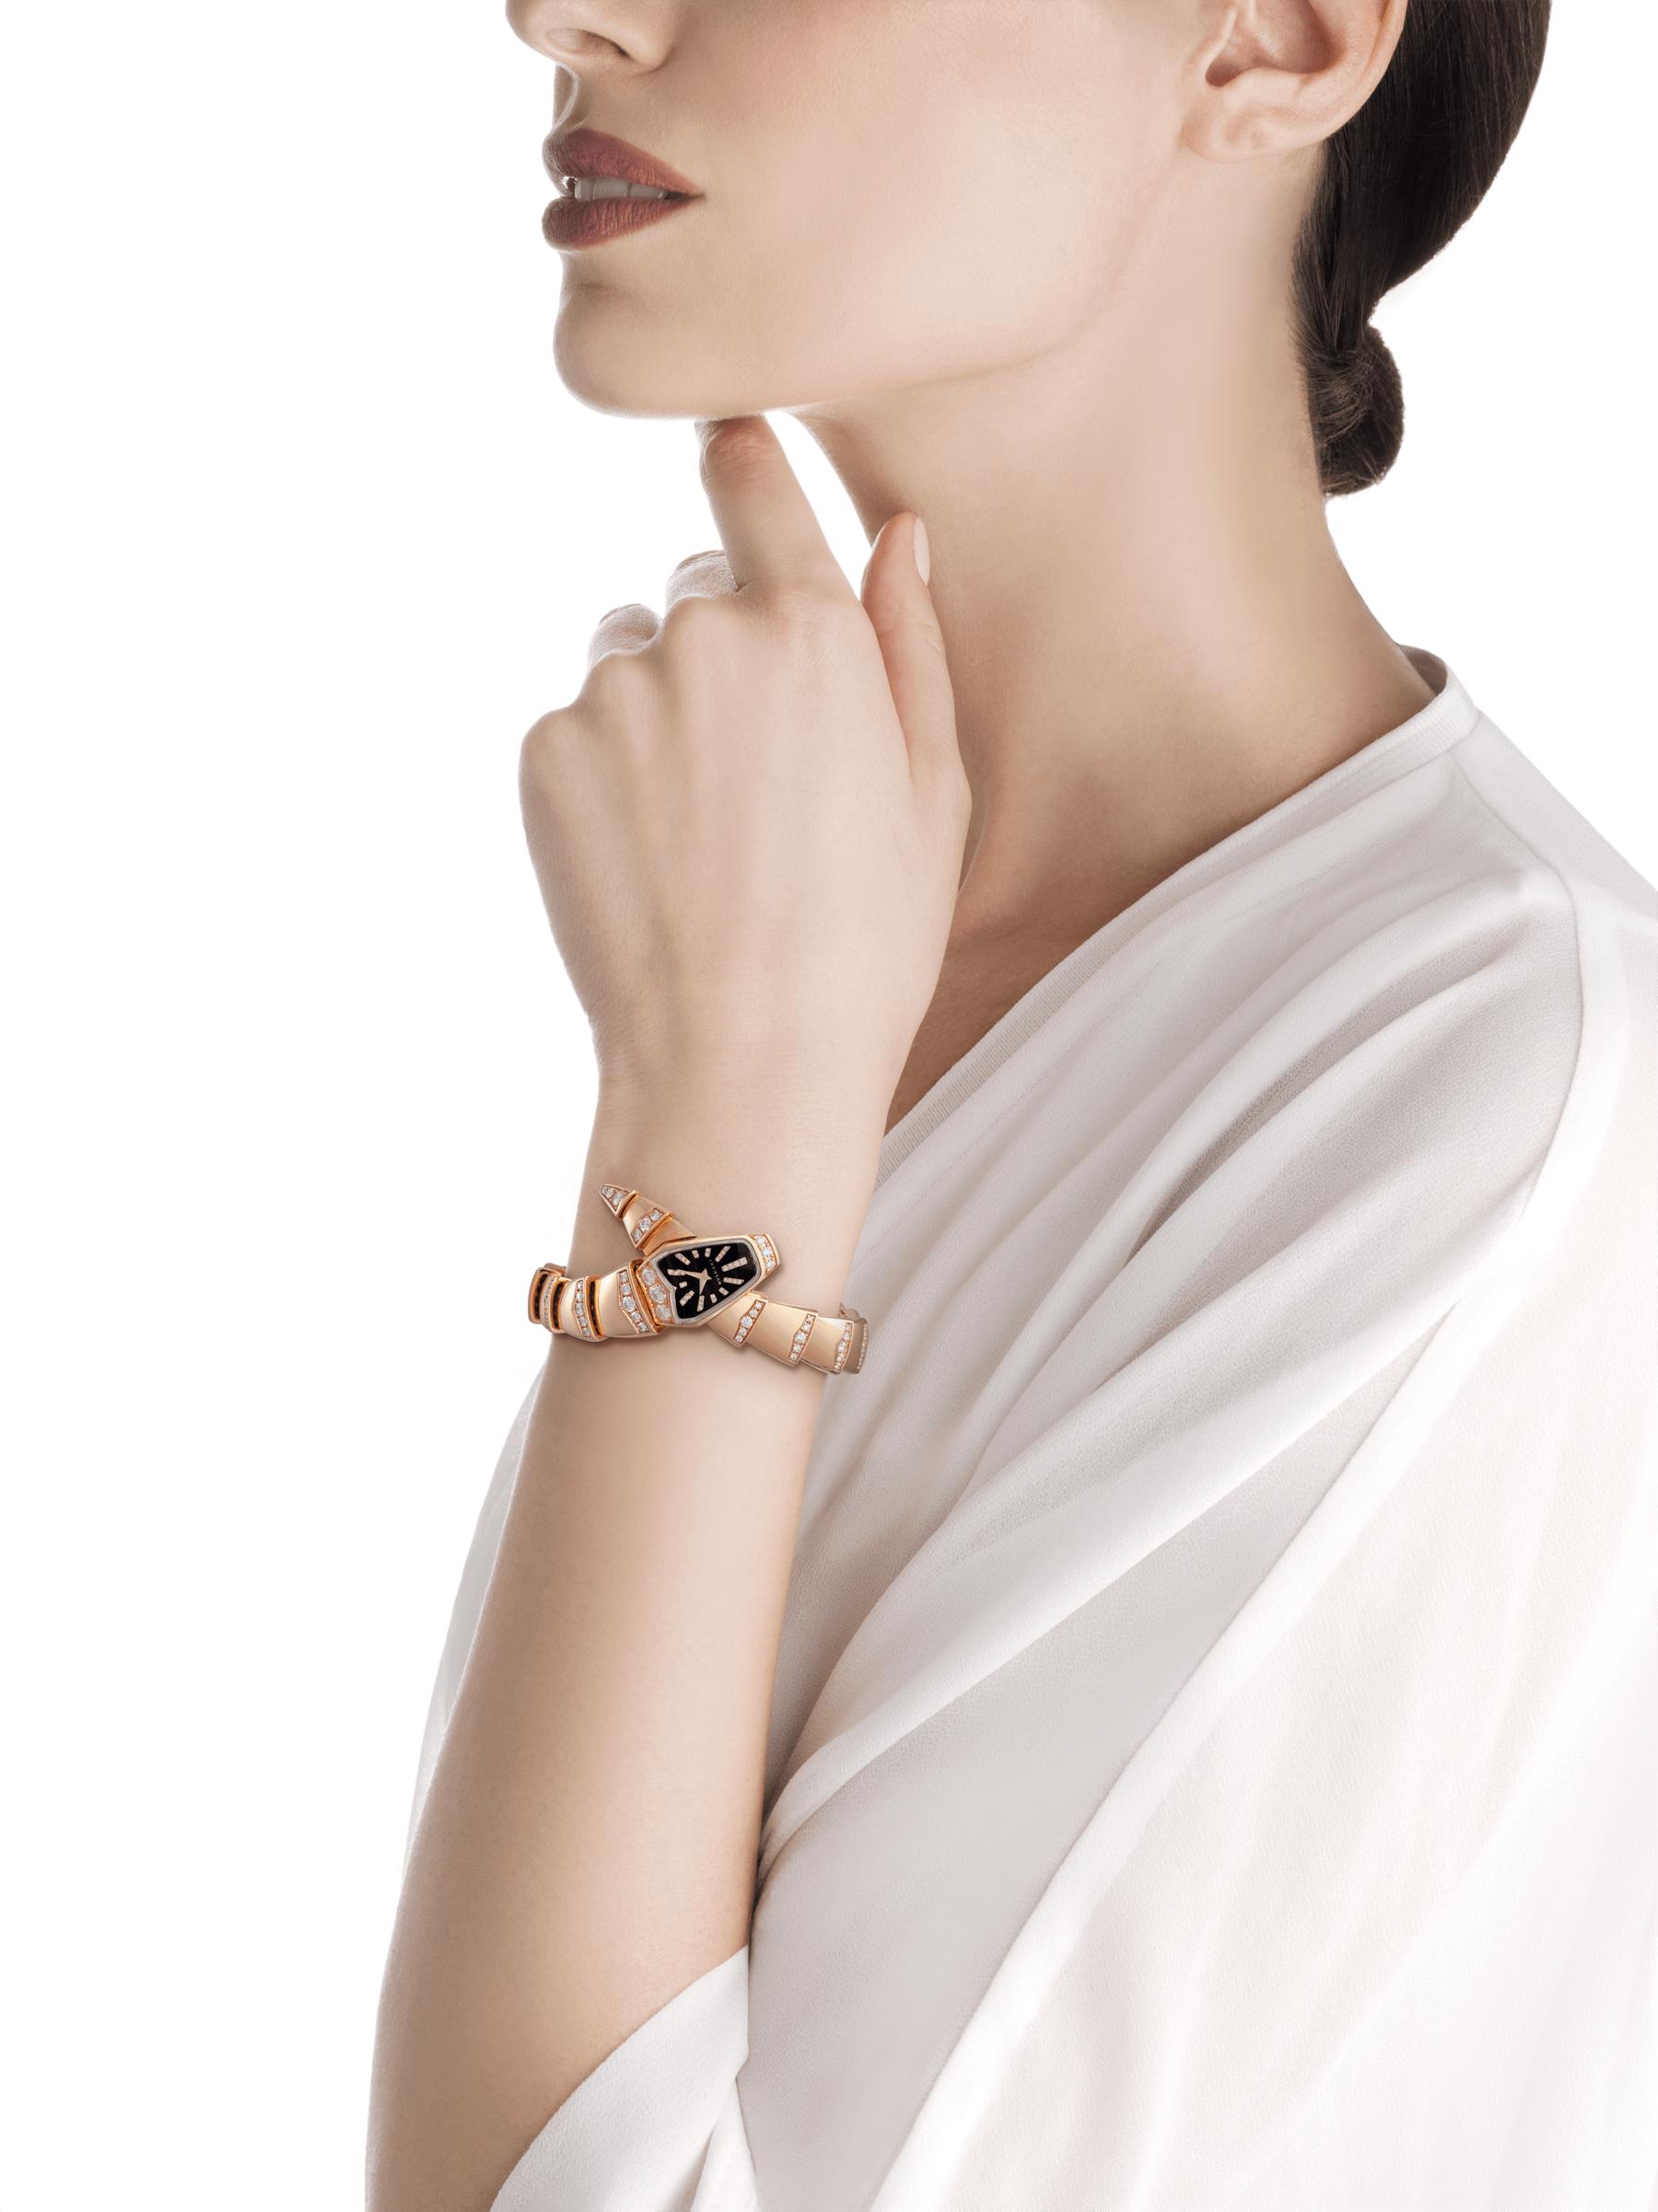 Reloj joya Serpenti con caja y brazalete de una vuelta en oro rosa de 18qt, ambos con diamantes talla brillante engastados, esfera de cristal de zafiro negro y diamantes talla brillante engastados como índices. 102344 image 2